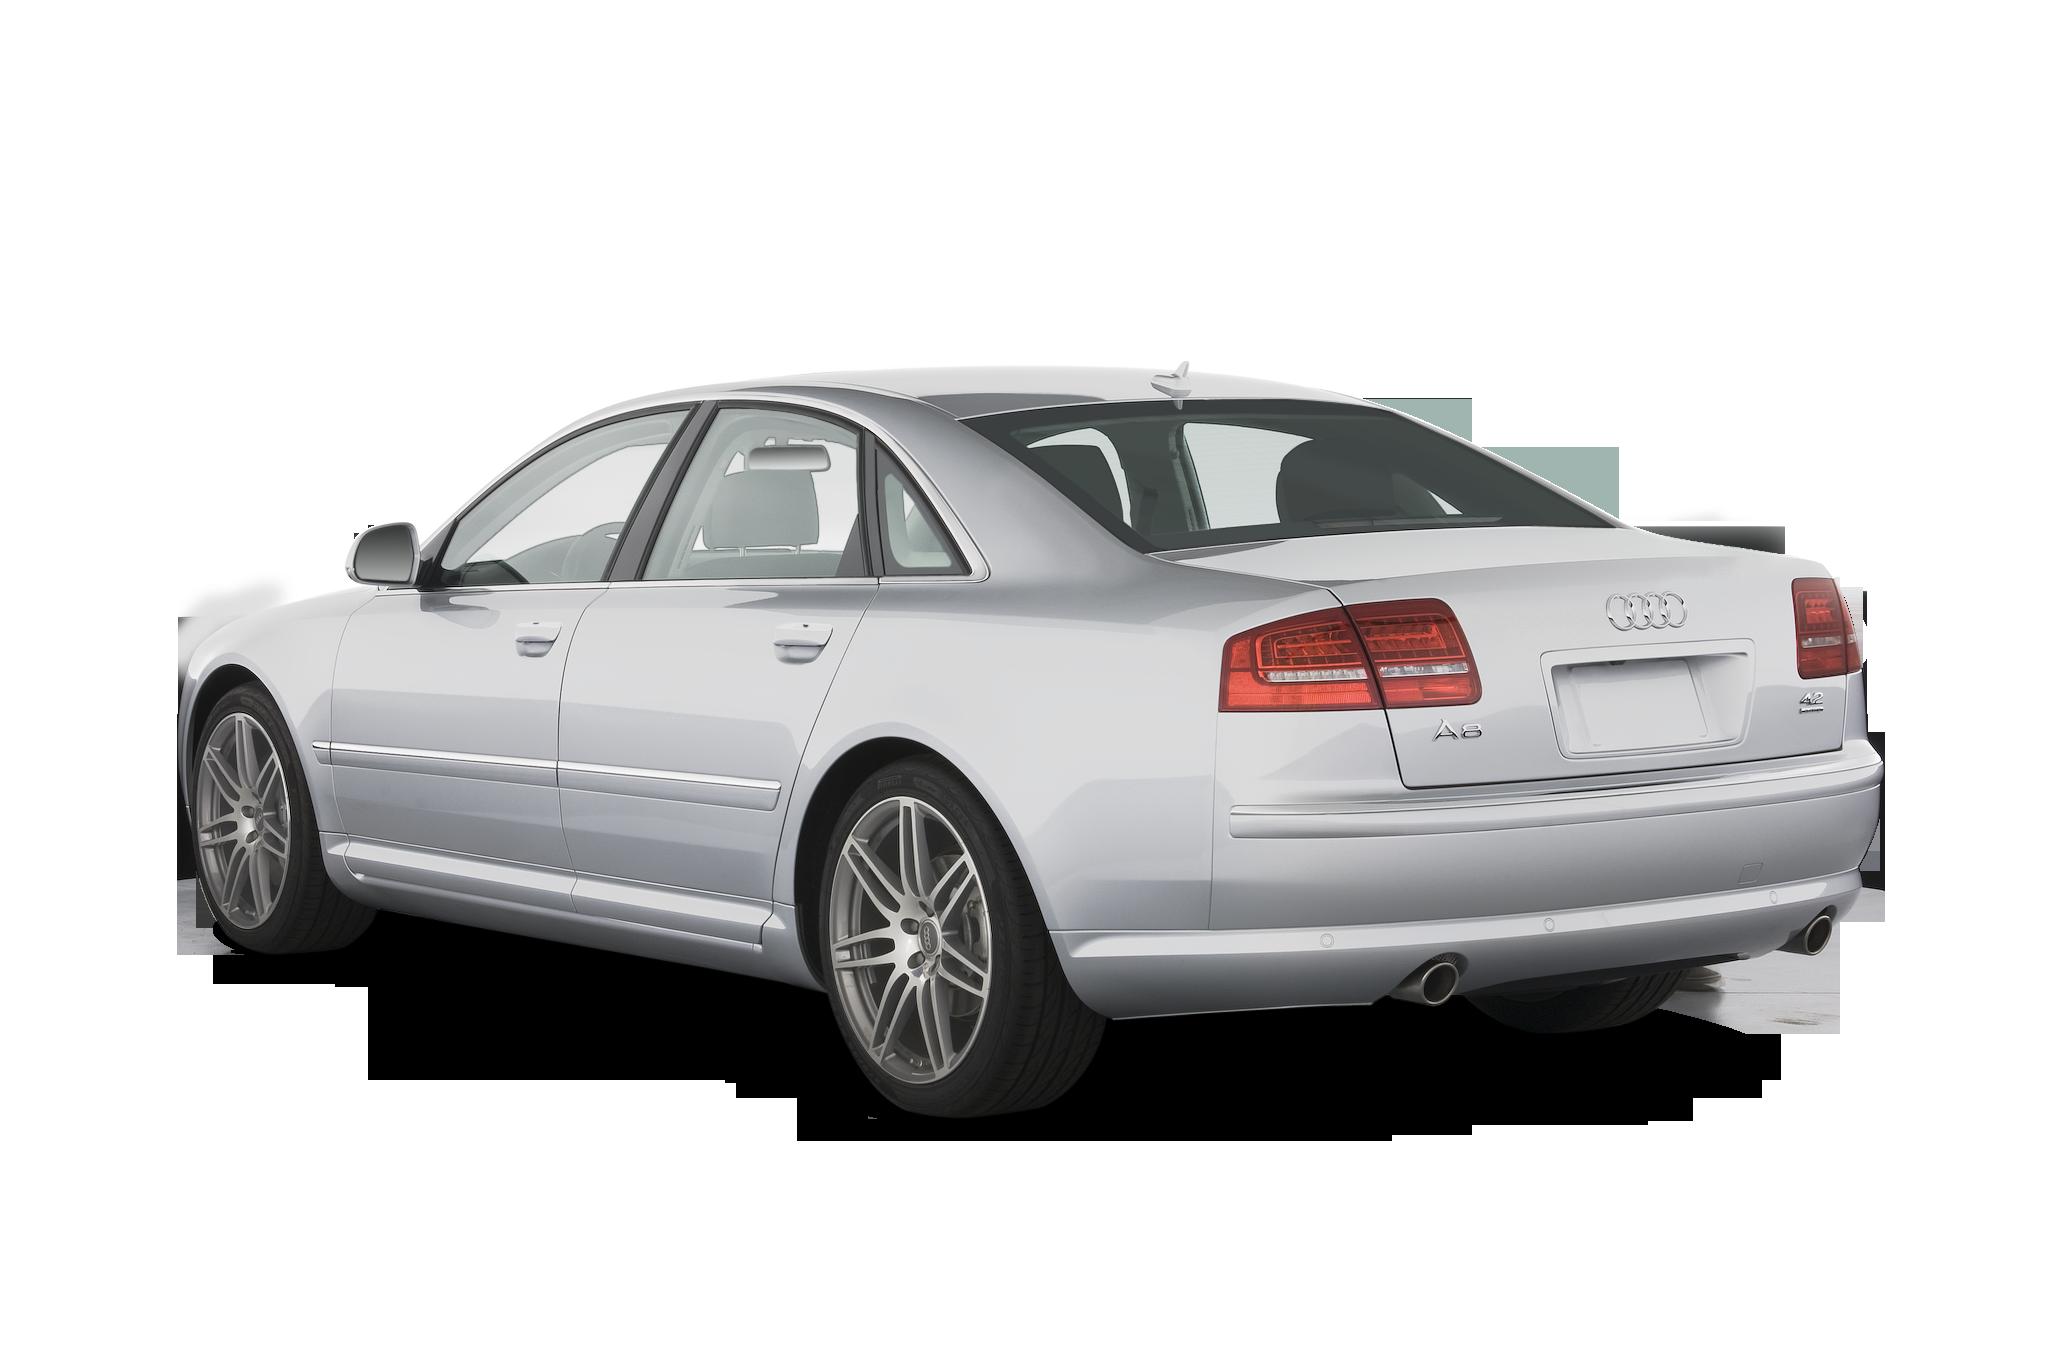 2010 Audi A8 Teaser Photos Released